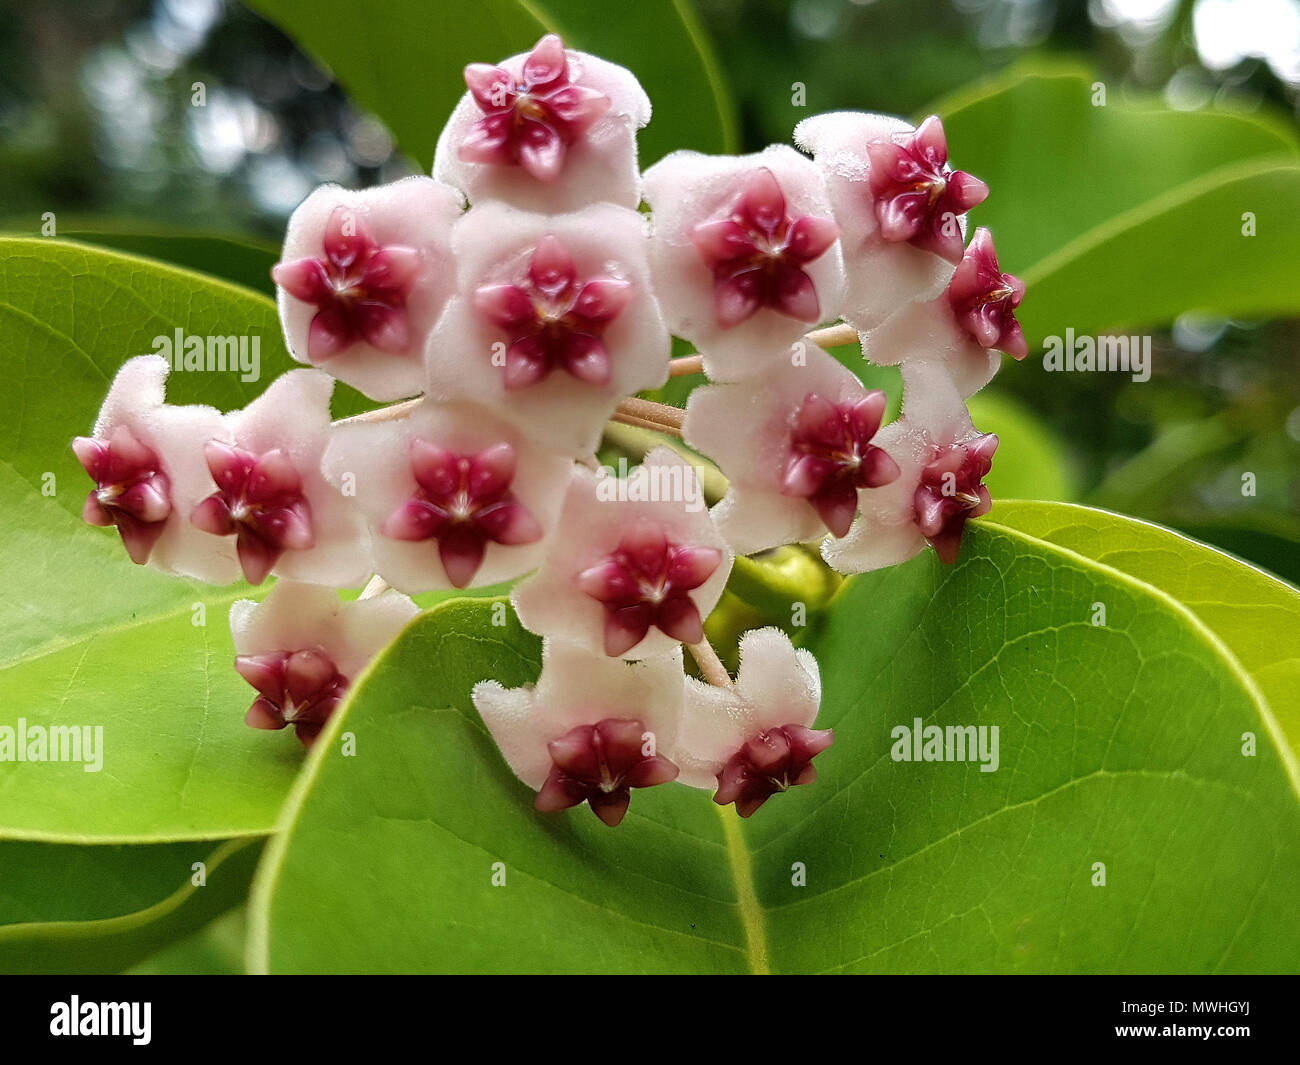 Hoya obovata - Stock Image